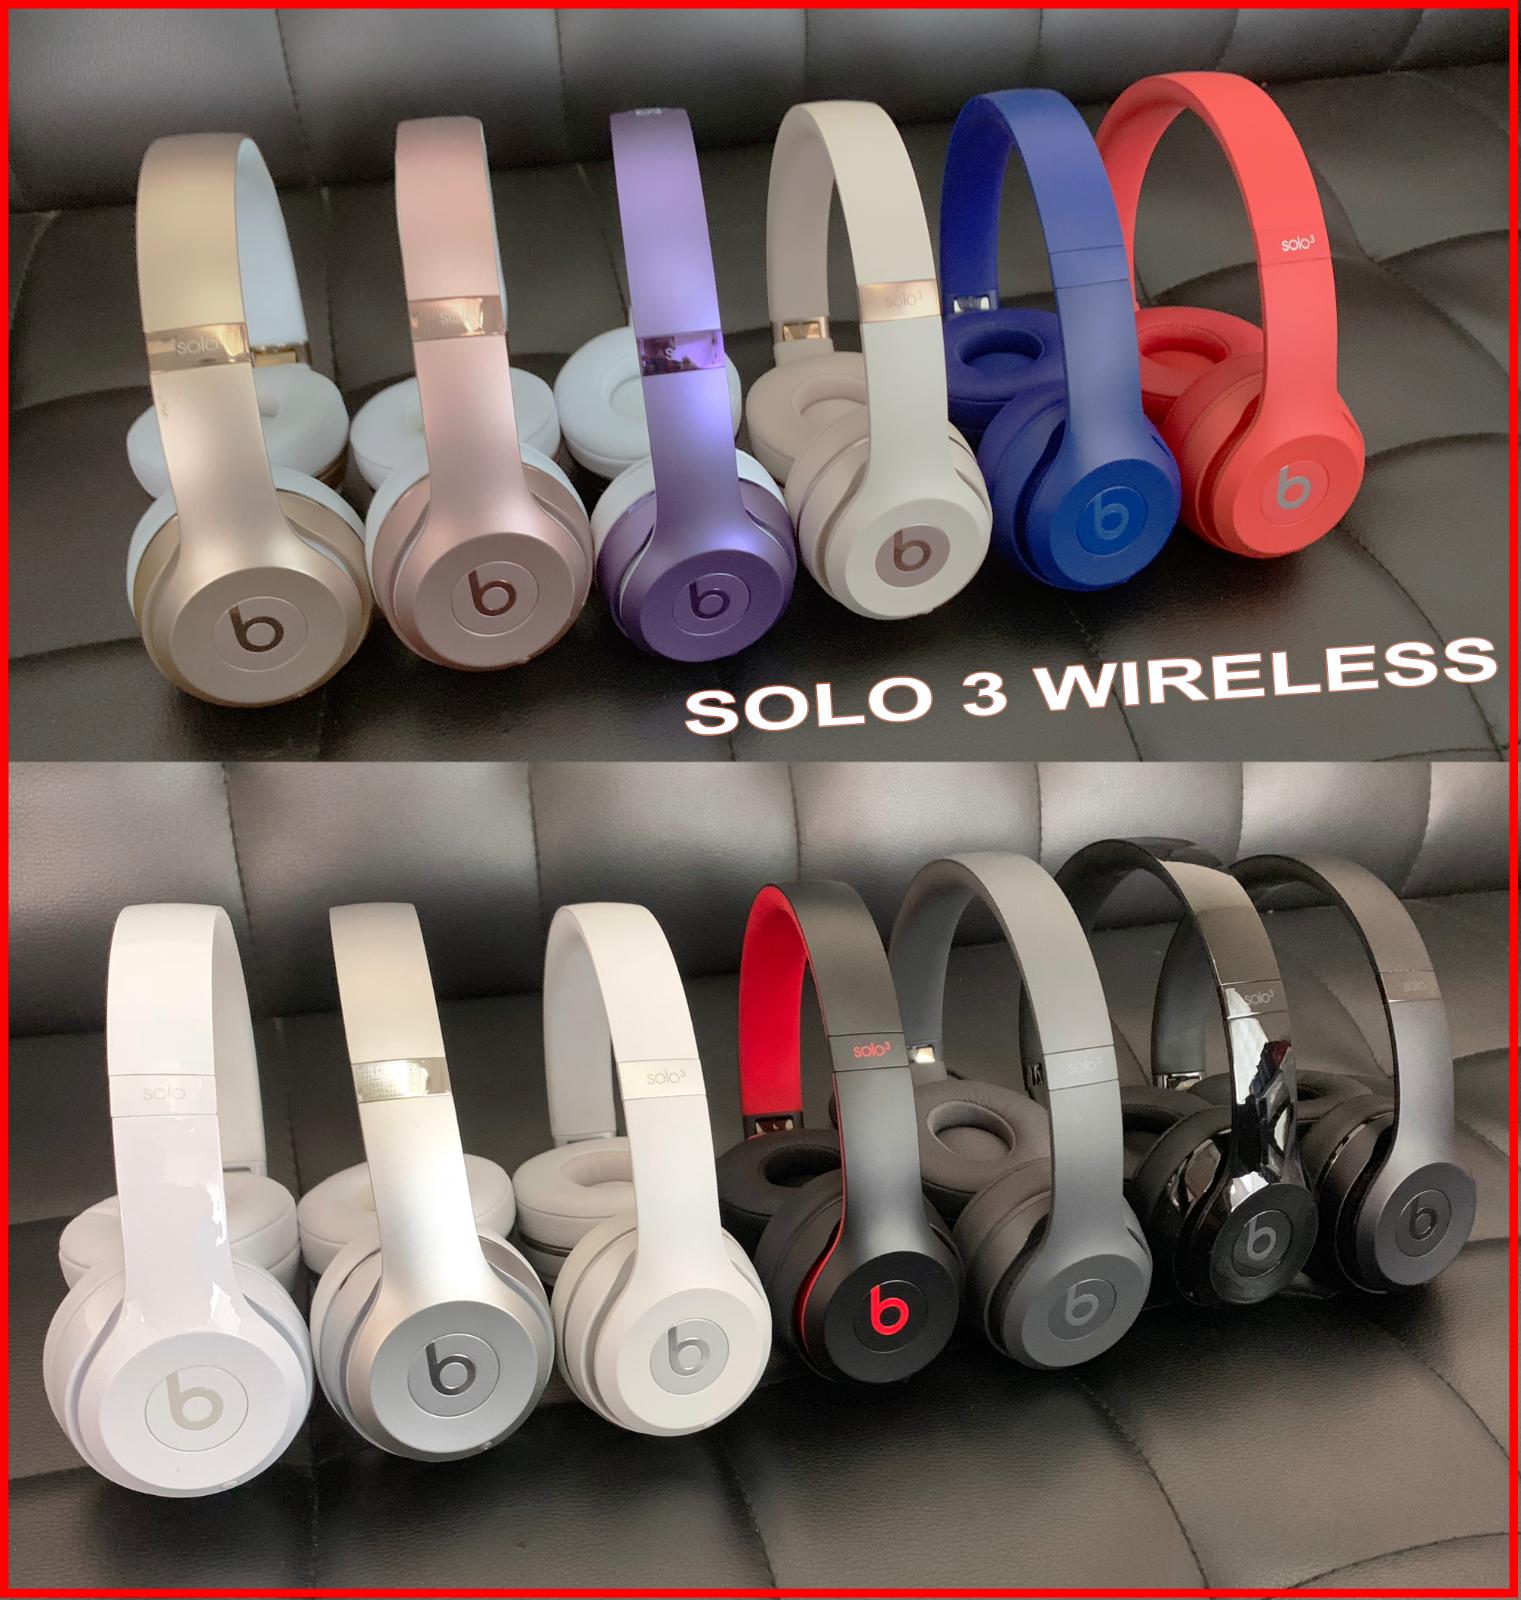 Beats By Dre Solo 3 Studio 2 Wireless On Ear Headphones Rose Gold Wireless Headphones Black Headphones Beats Headphones Wireless